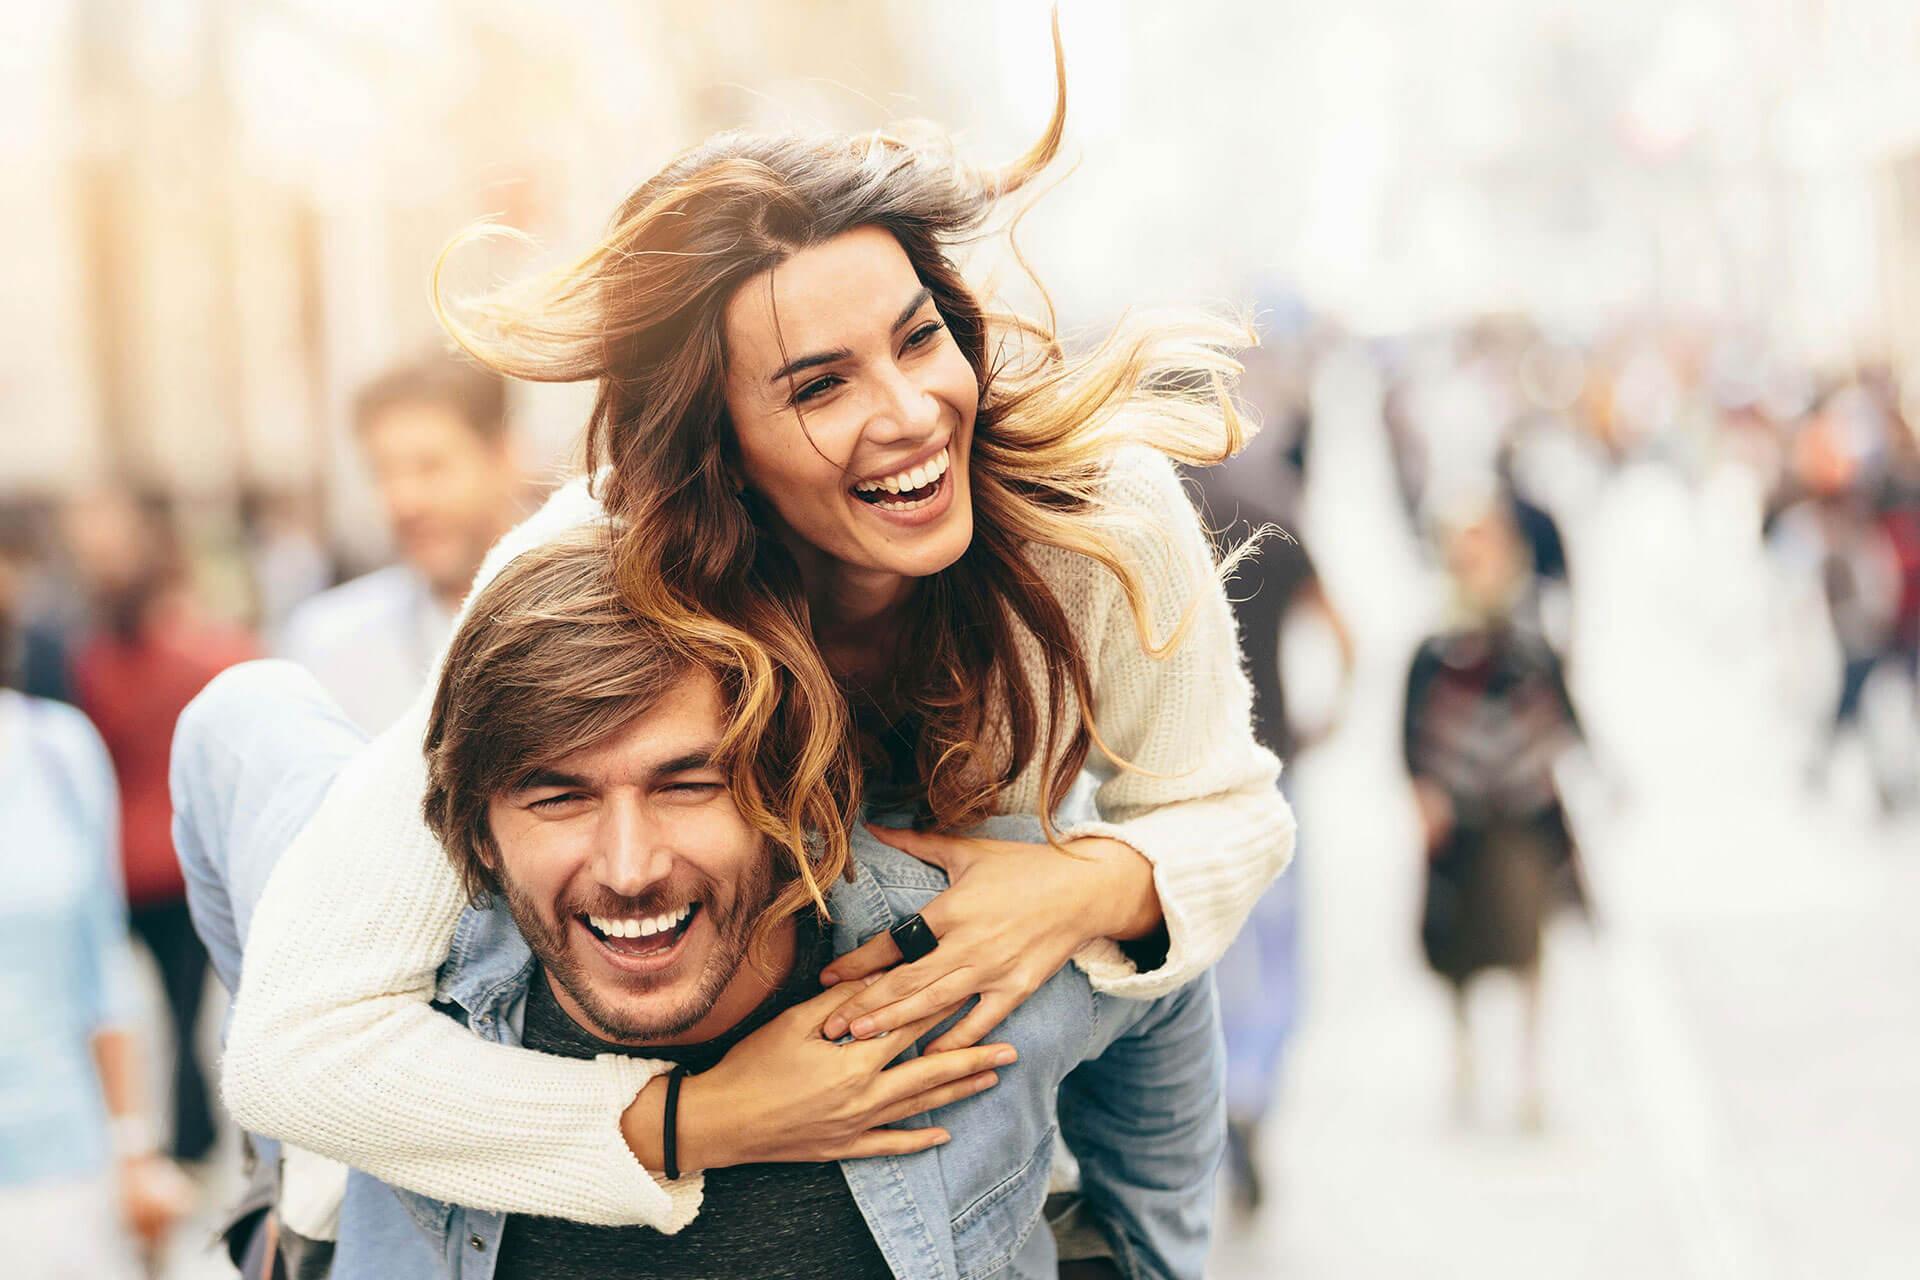 Rüyada Eski Sevgiliyle Barıştığını Görmek ve Evlenmek